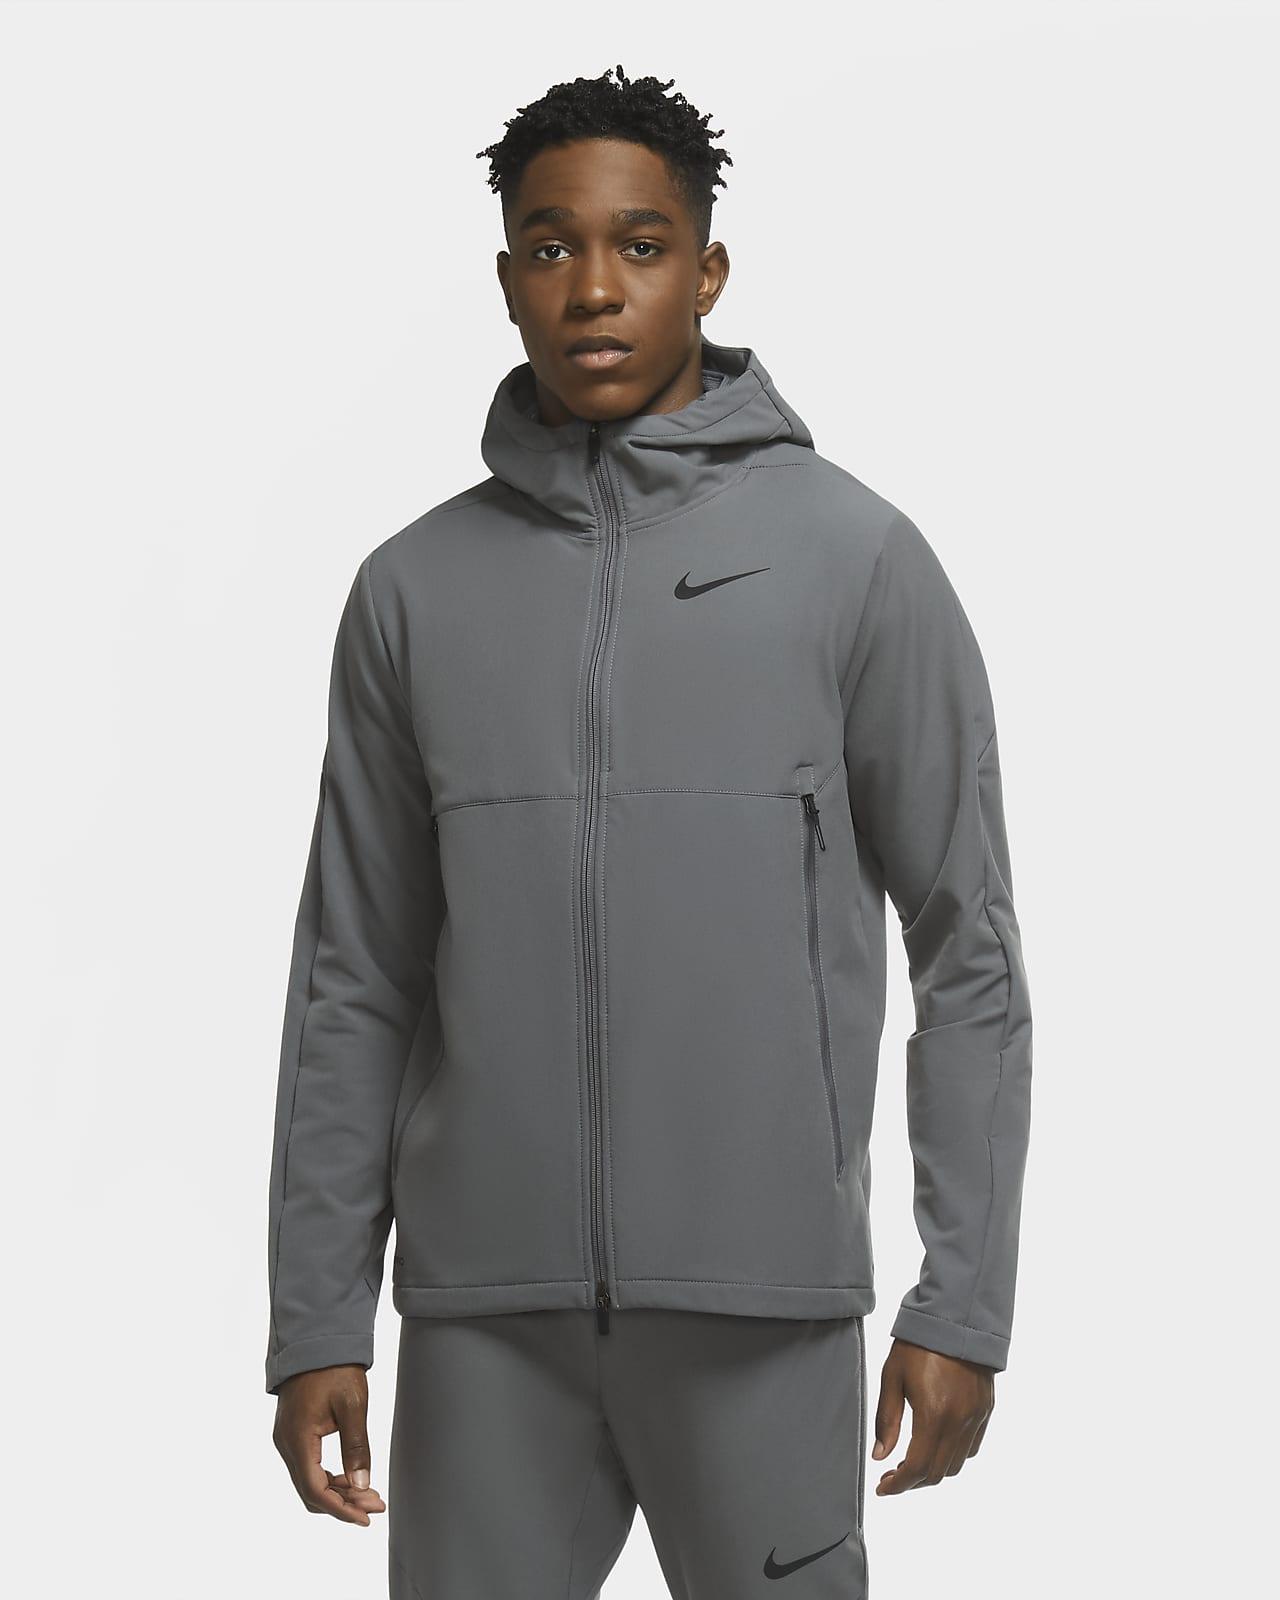 Vävd vinterträningsjacka Nike för män